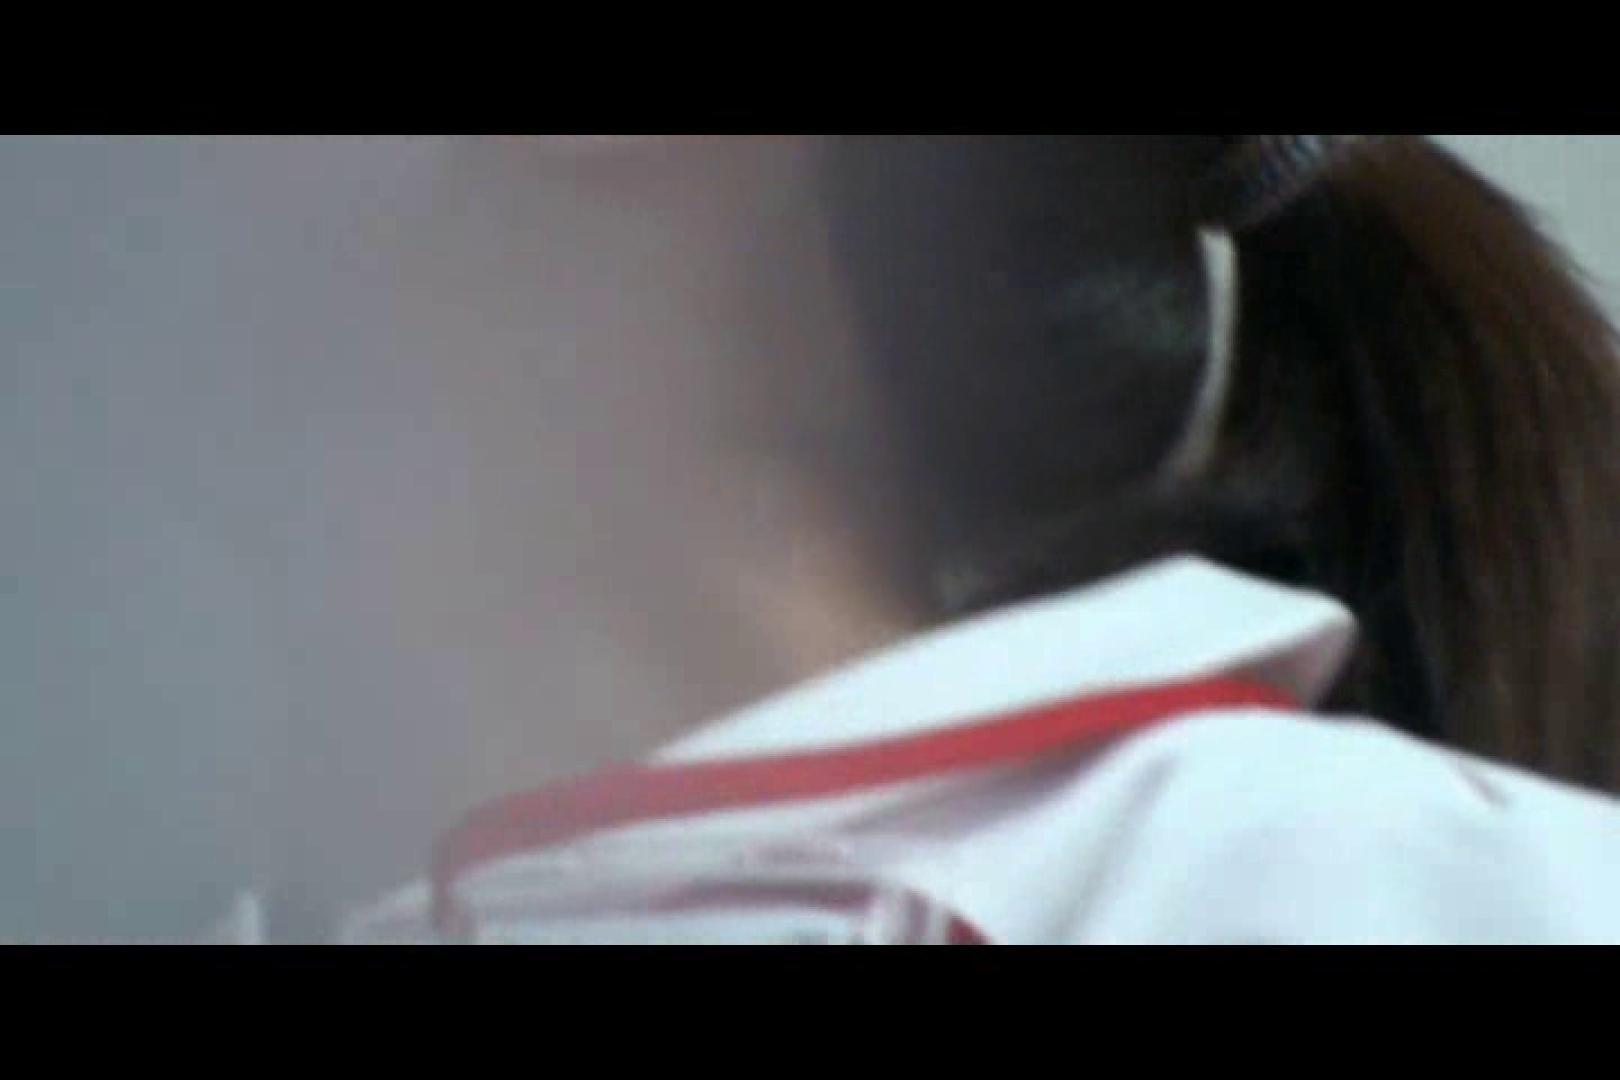 独占配信!無修正! 看護女子寮 vol.08 エッチ 盗撮ヌード画像 106PICs 34